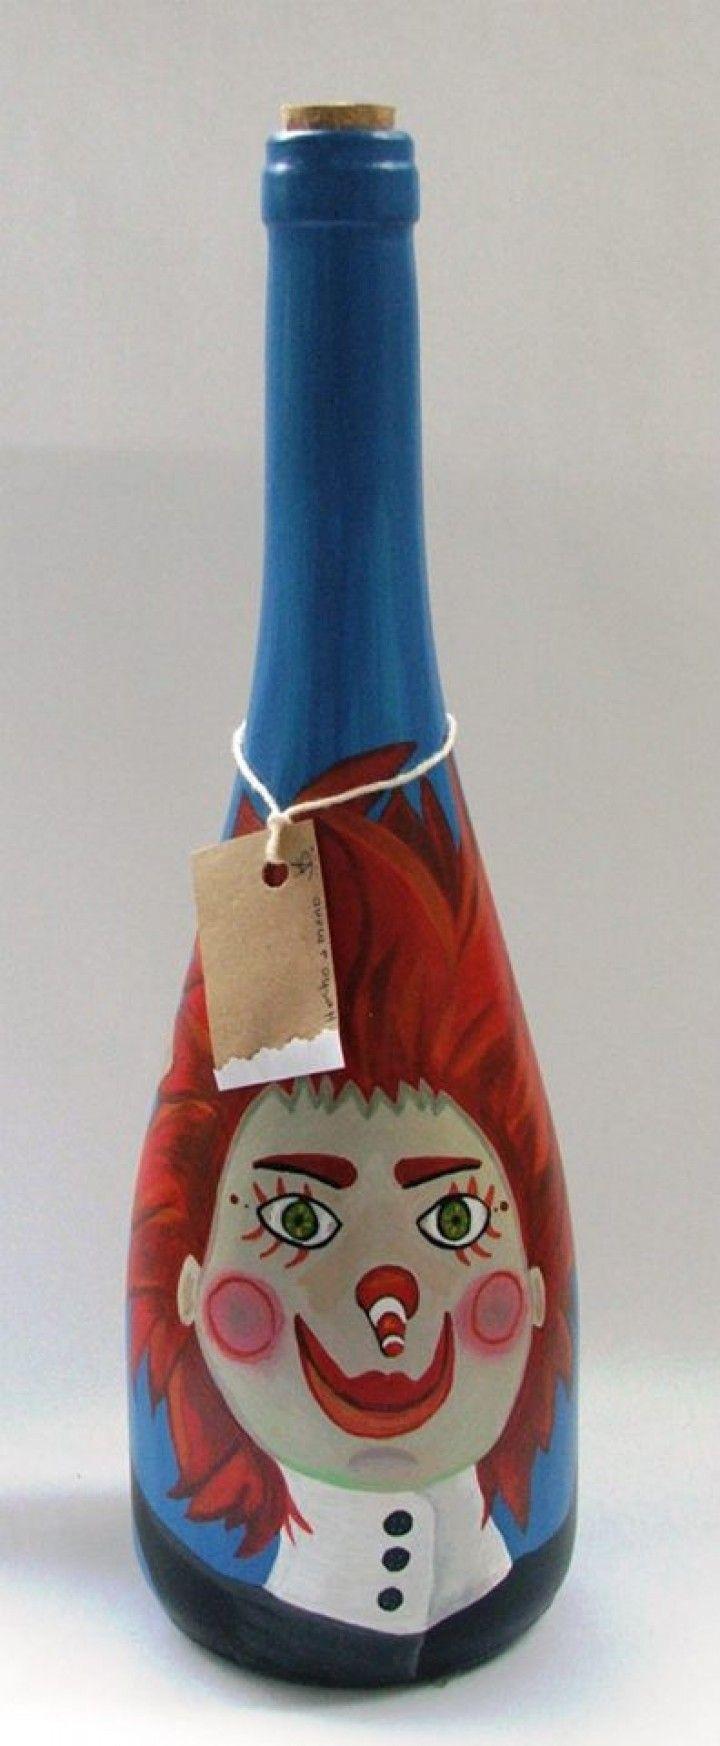 Botella de vidrio pintada con acrilicos y barnizada.